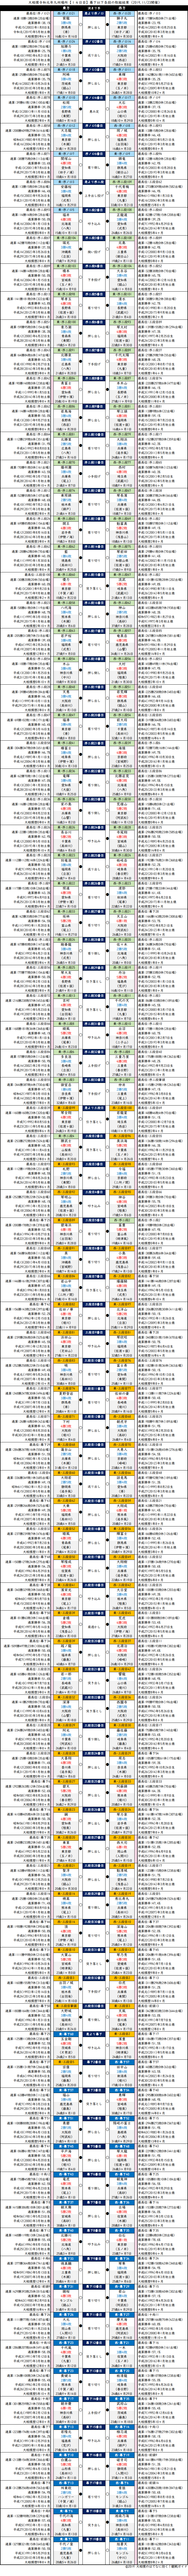 大相撲・2019年11月場所14日目・幕下以下の取組結果